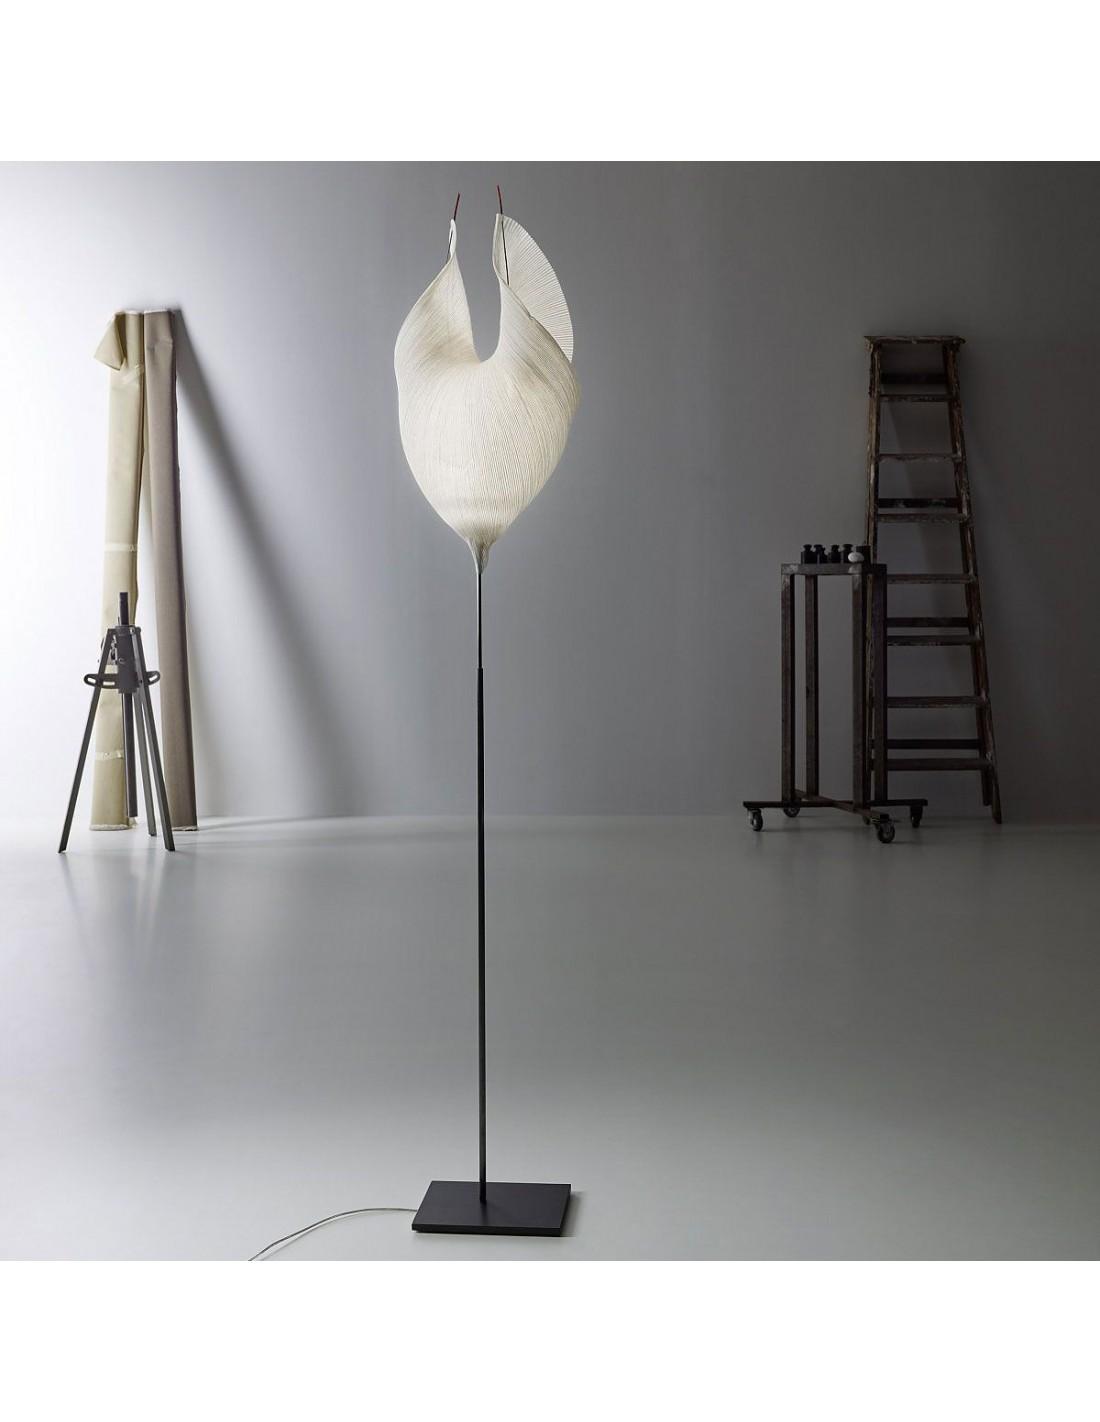 Valente-design-luminaires-Lampadaire-Babadul